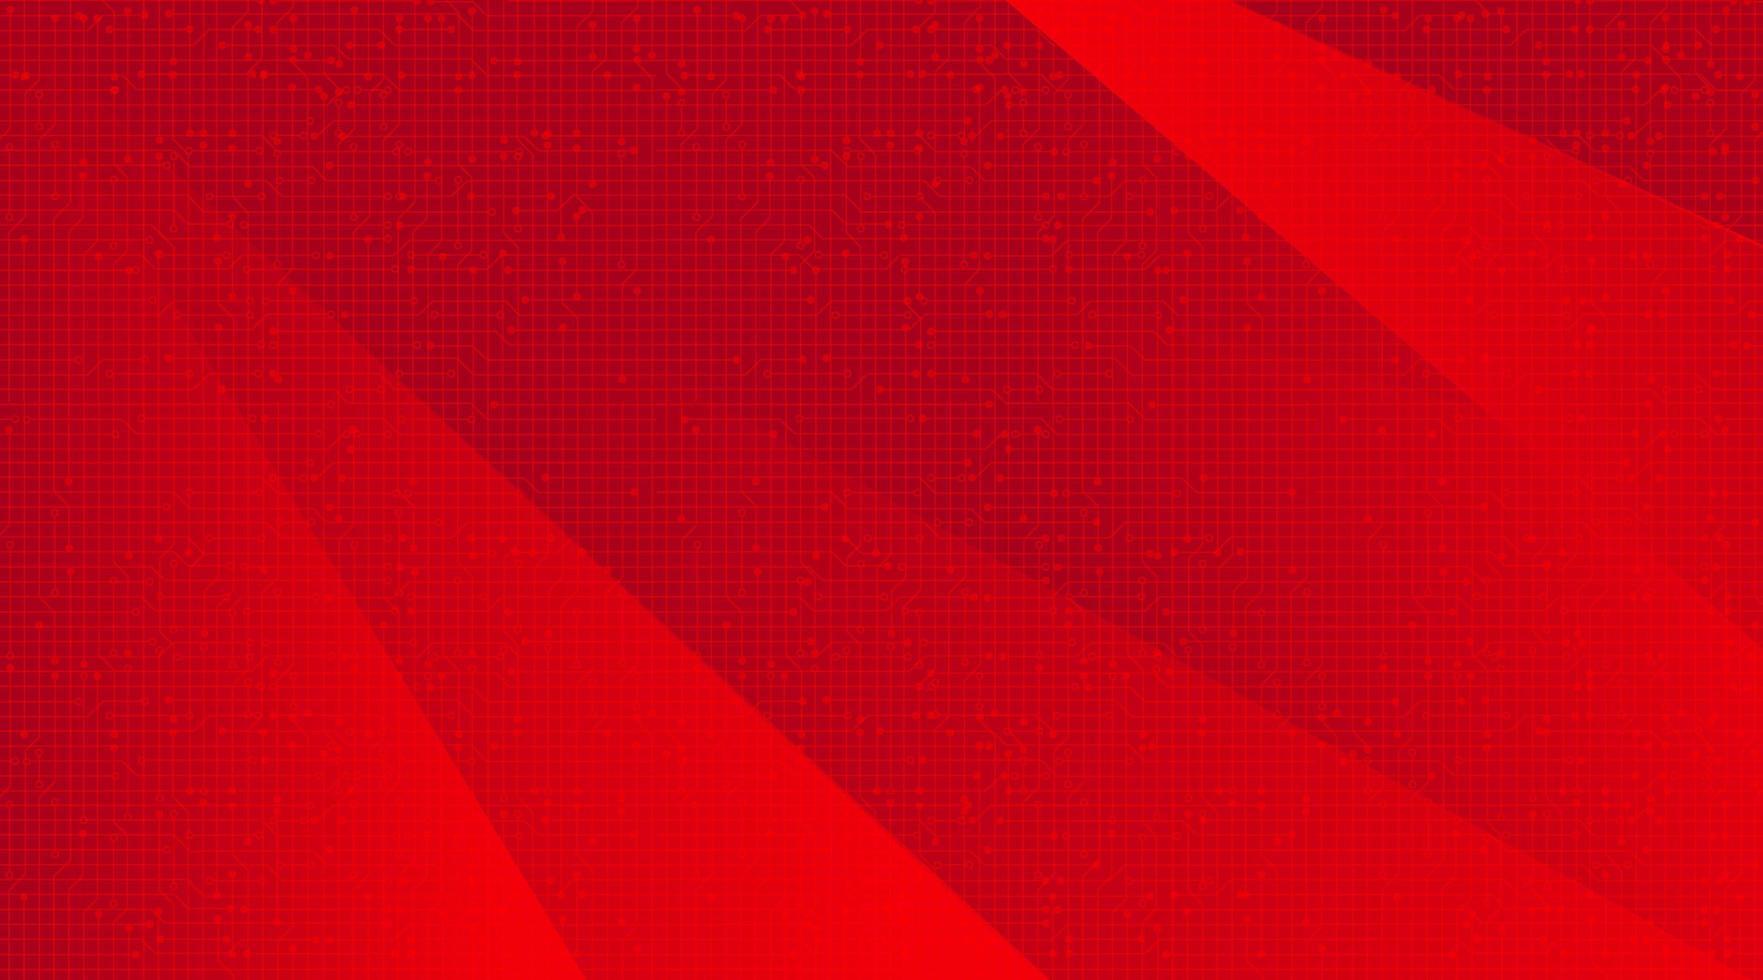 Fondo de tecnología roja moderna, diseño de concepto digital y de conexión, ilustración vectorial. vector